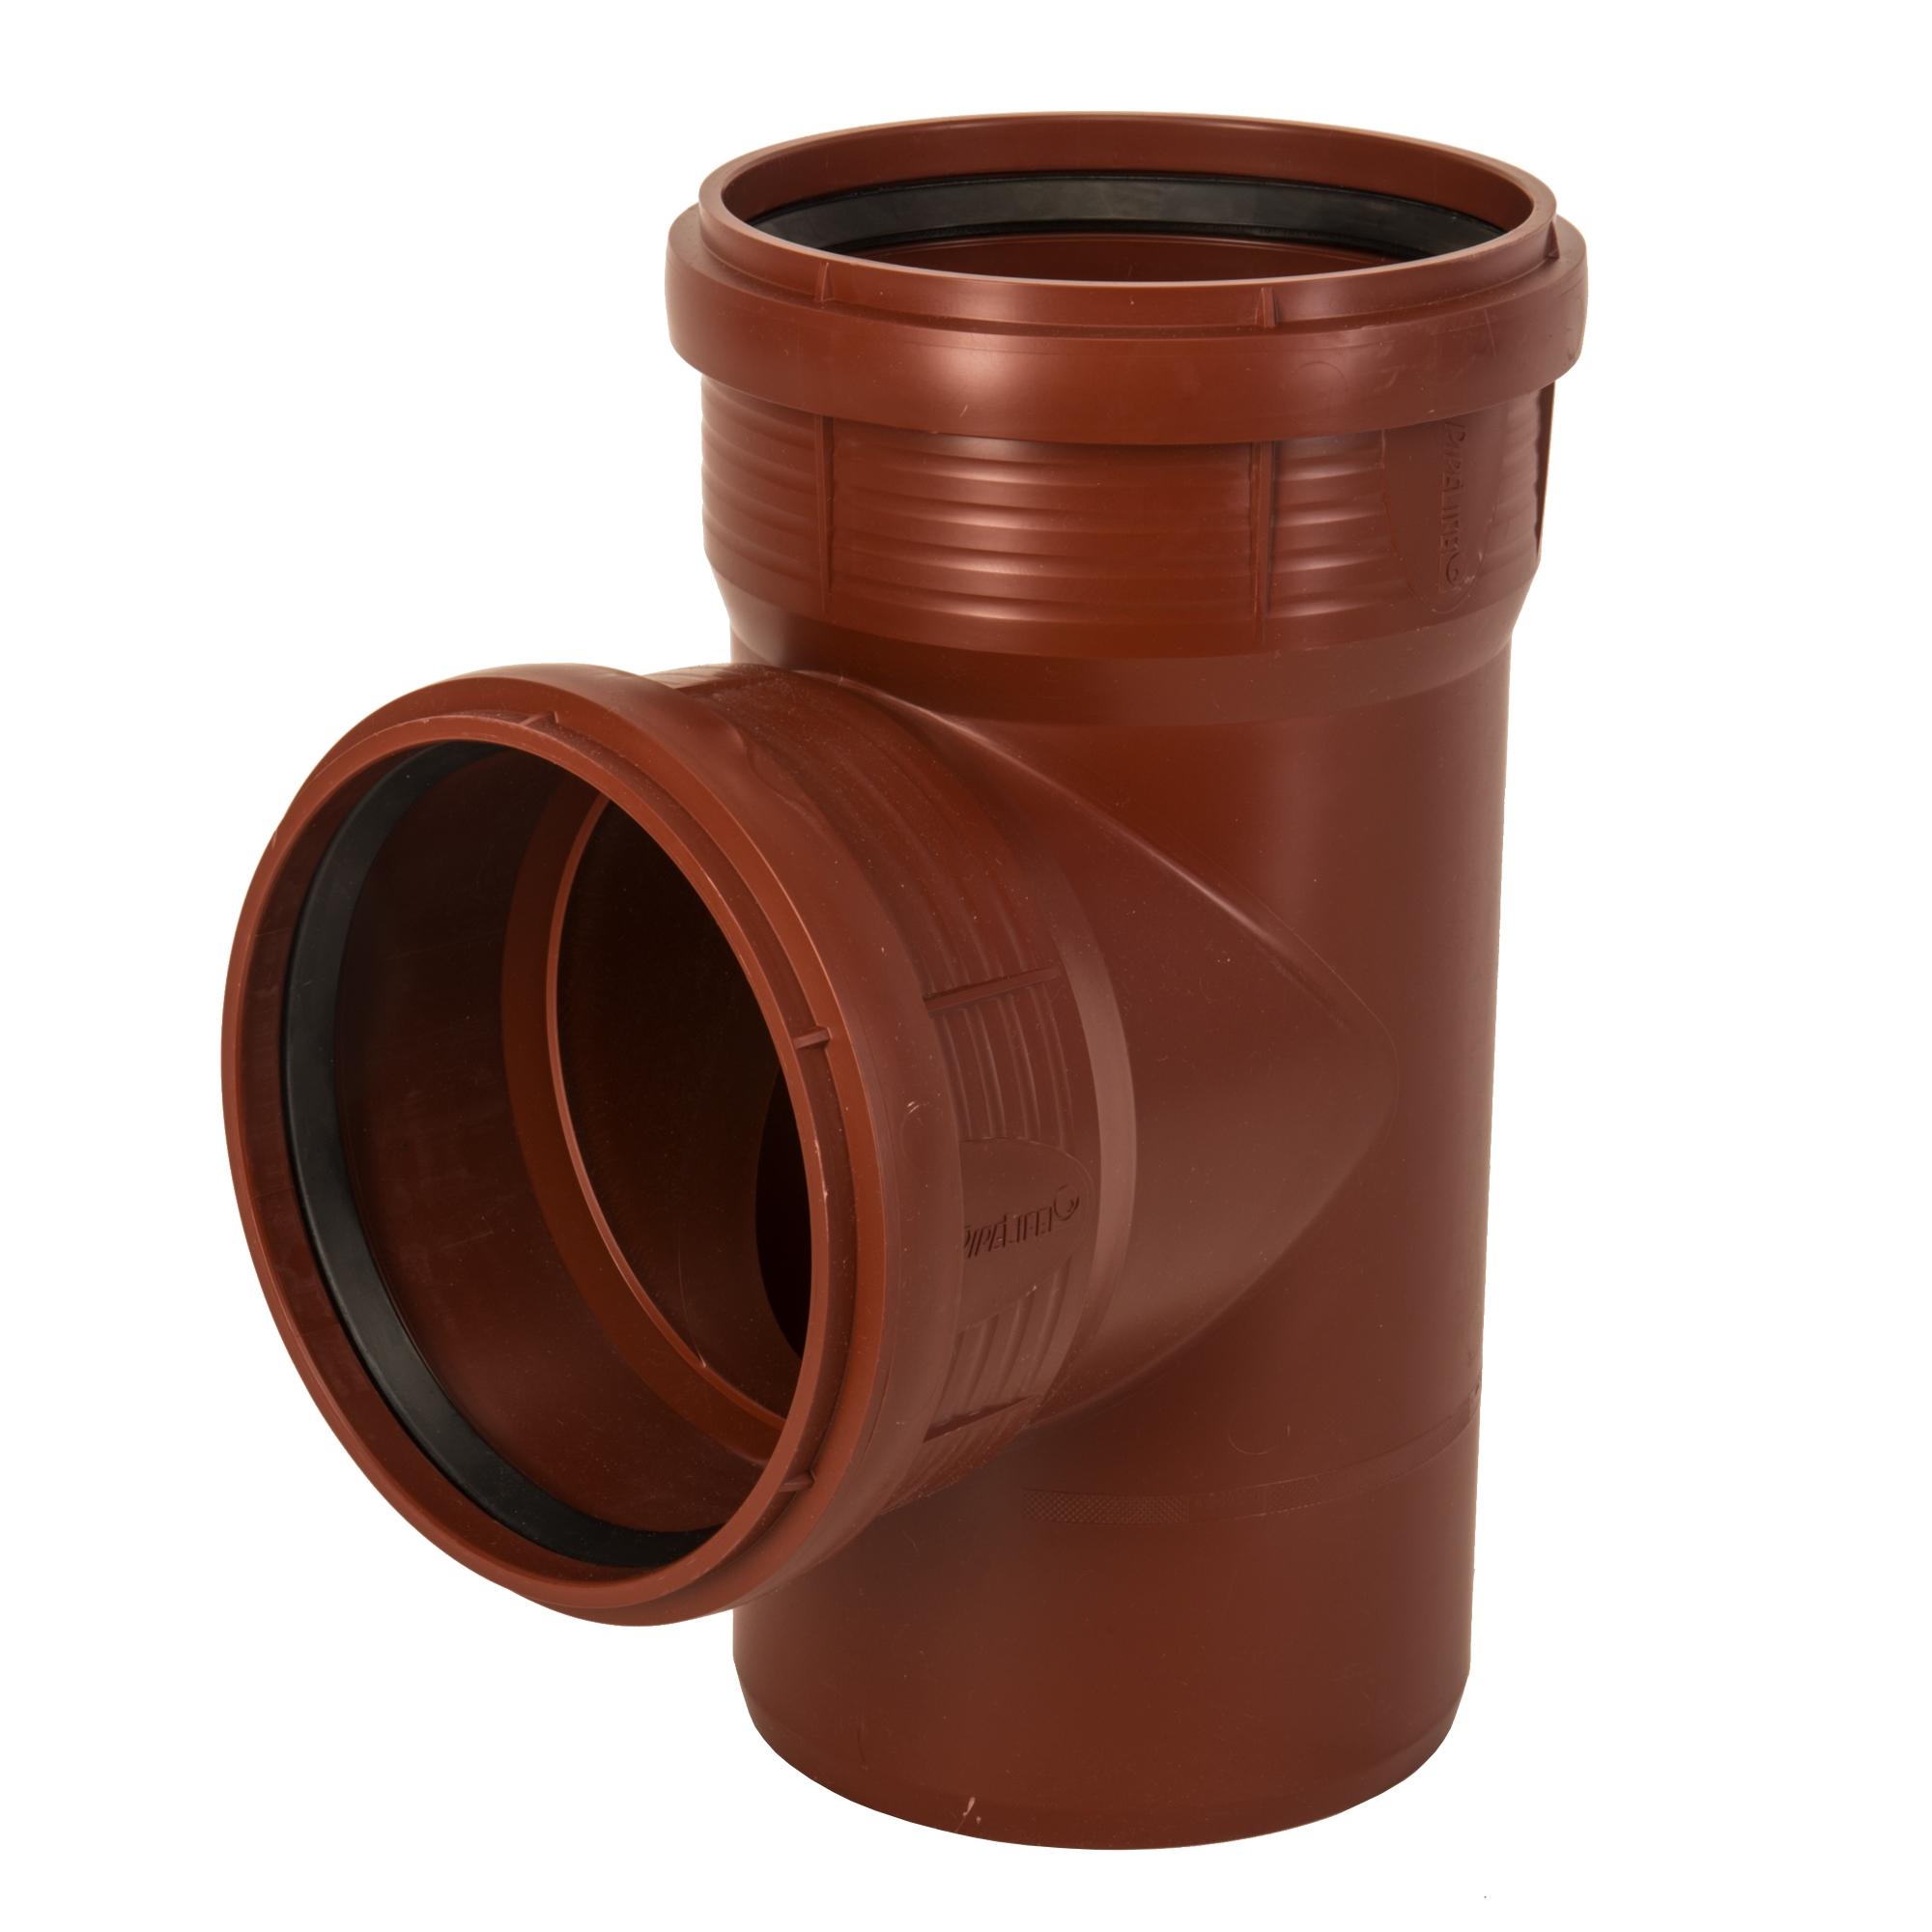 Система шумопоглощающей канализации Master 3 Plus фото 7